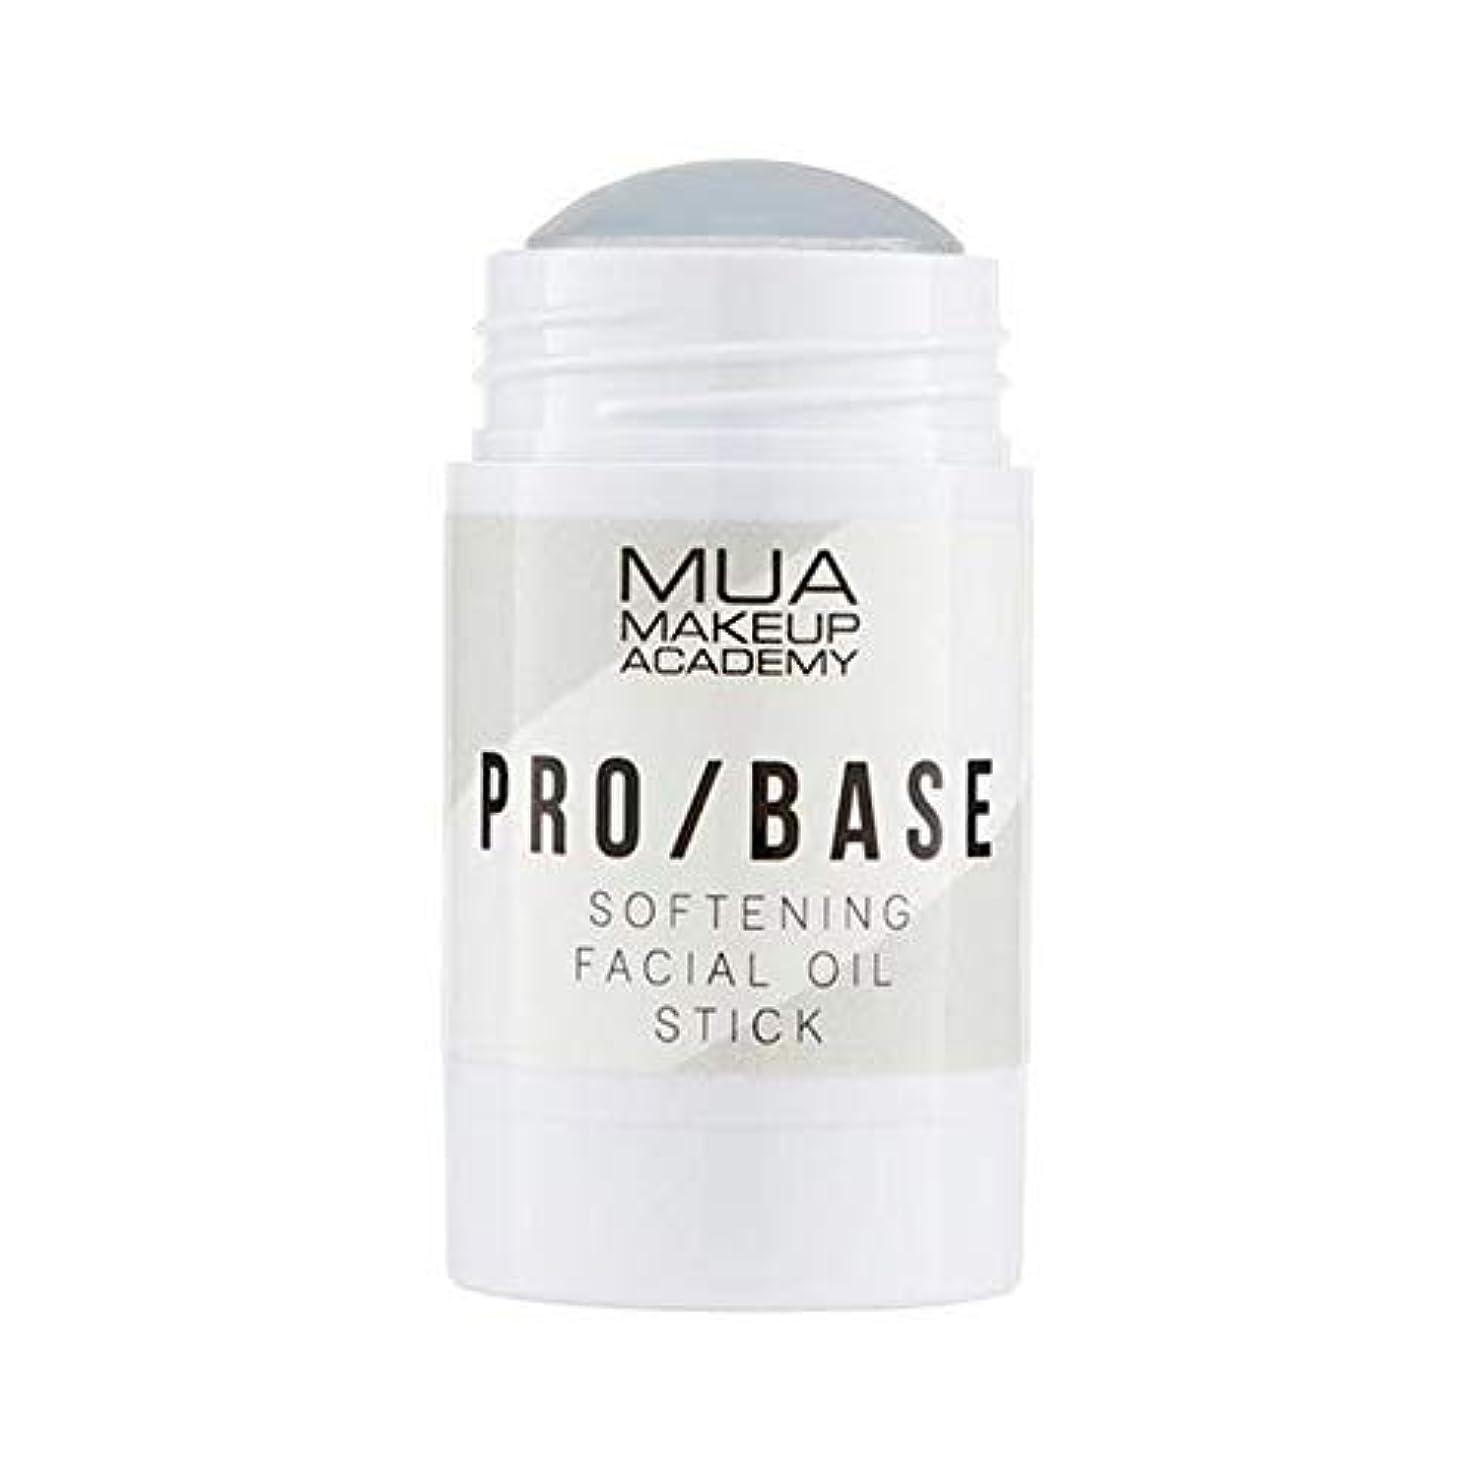 指標列車バルク[MUA] フェイシャルオイルスティックを軟化Muaプロベース - MUA Pro Base Softening Facial Oil Stick [並行輸入品]